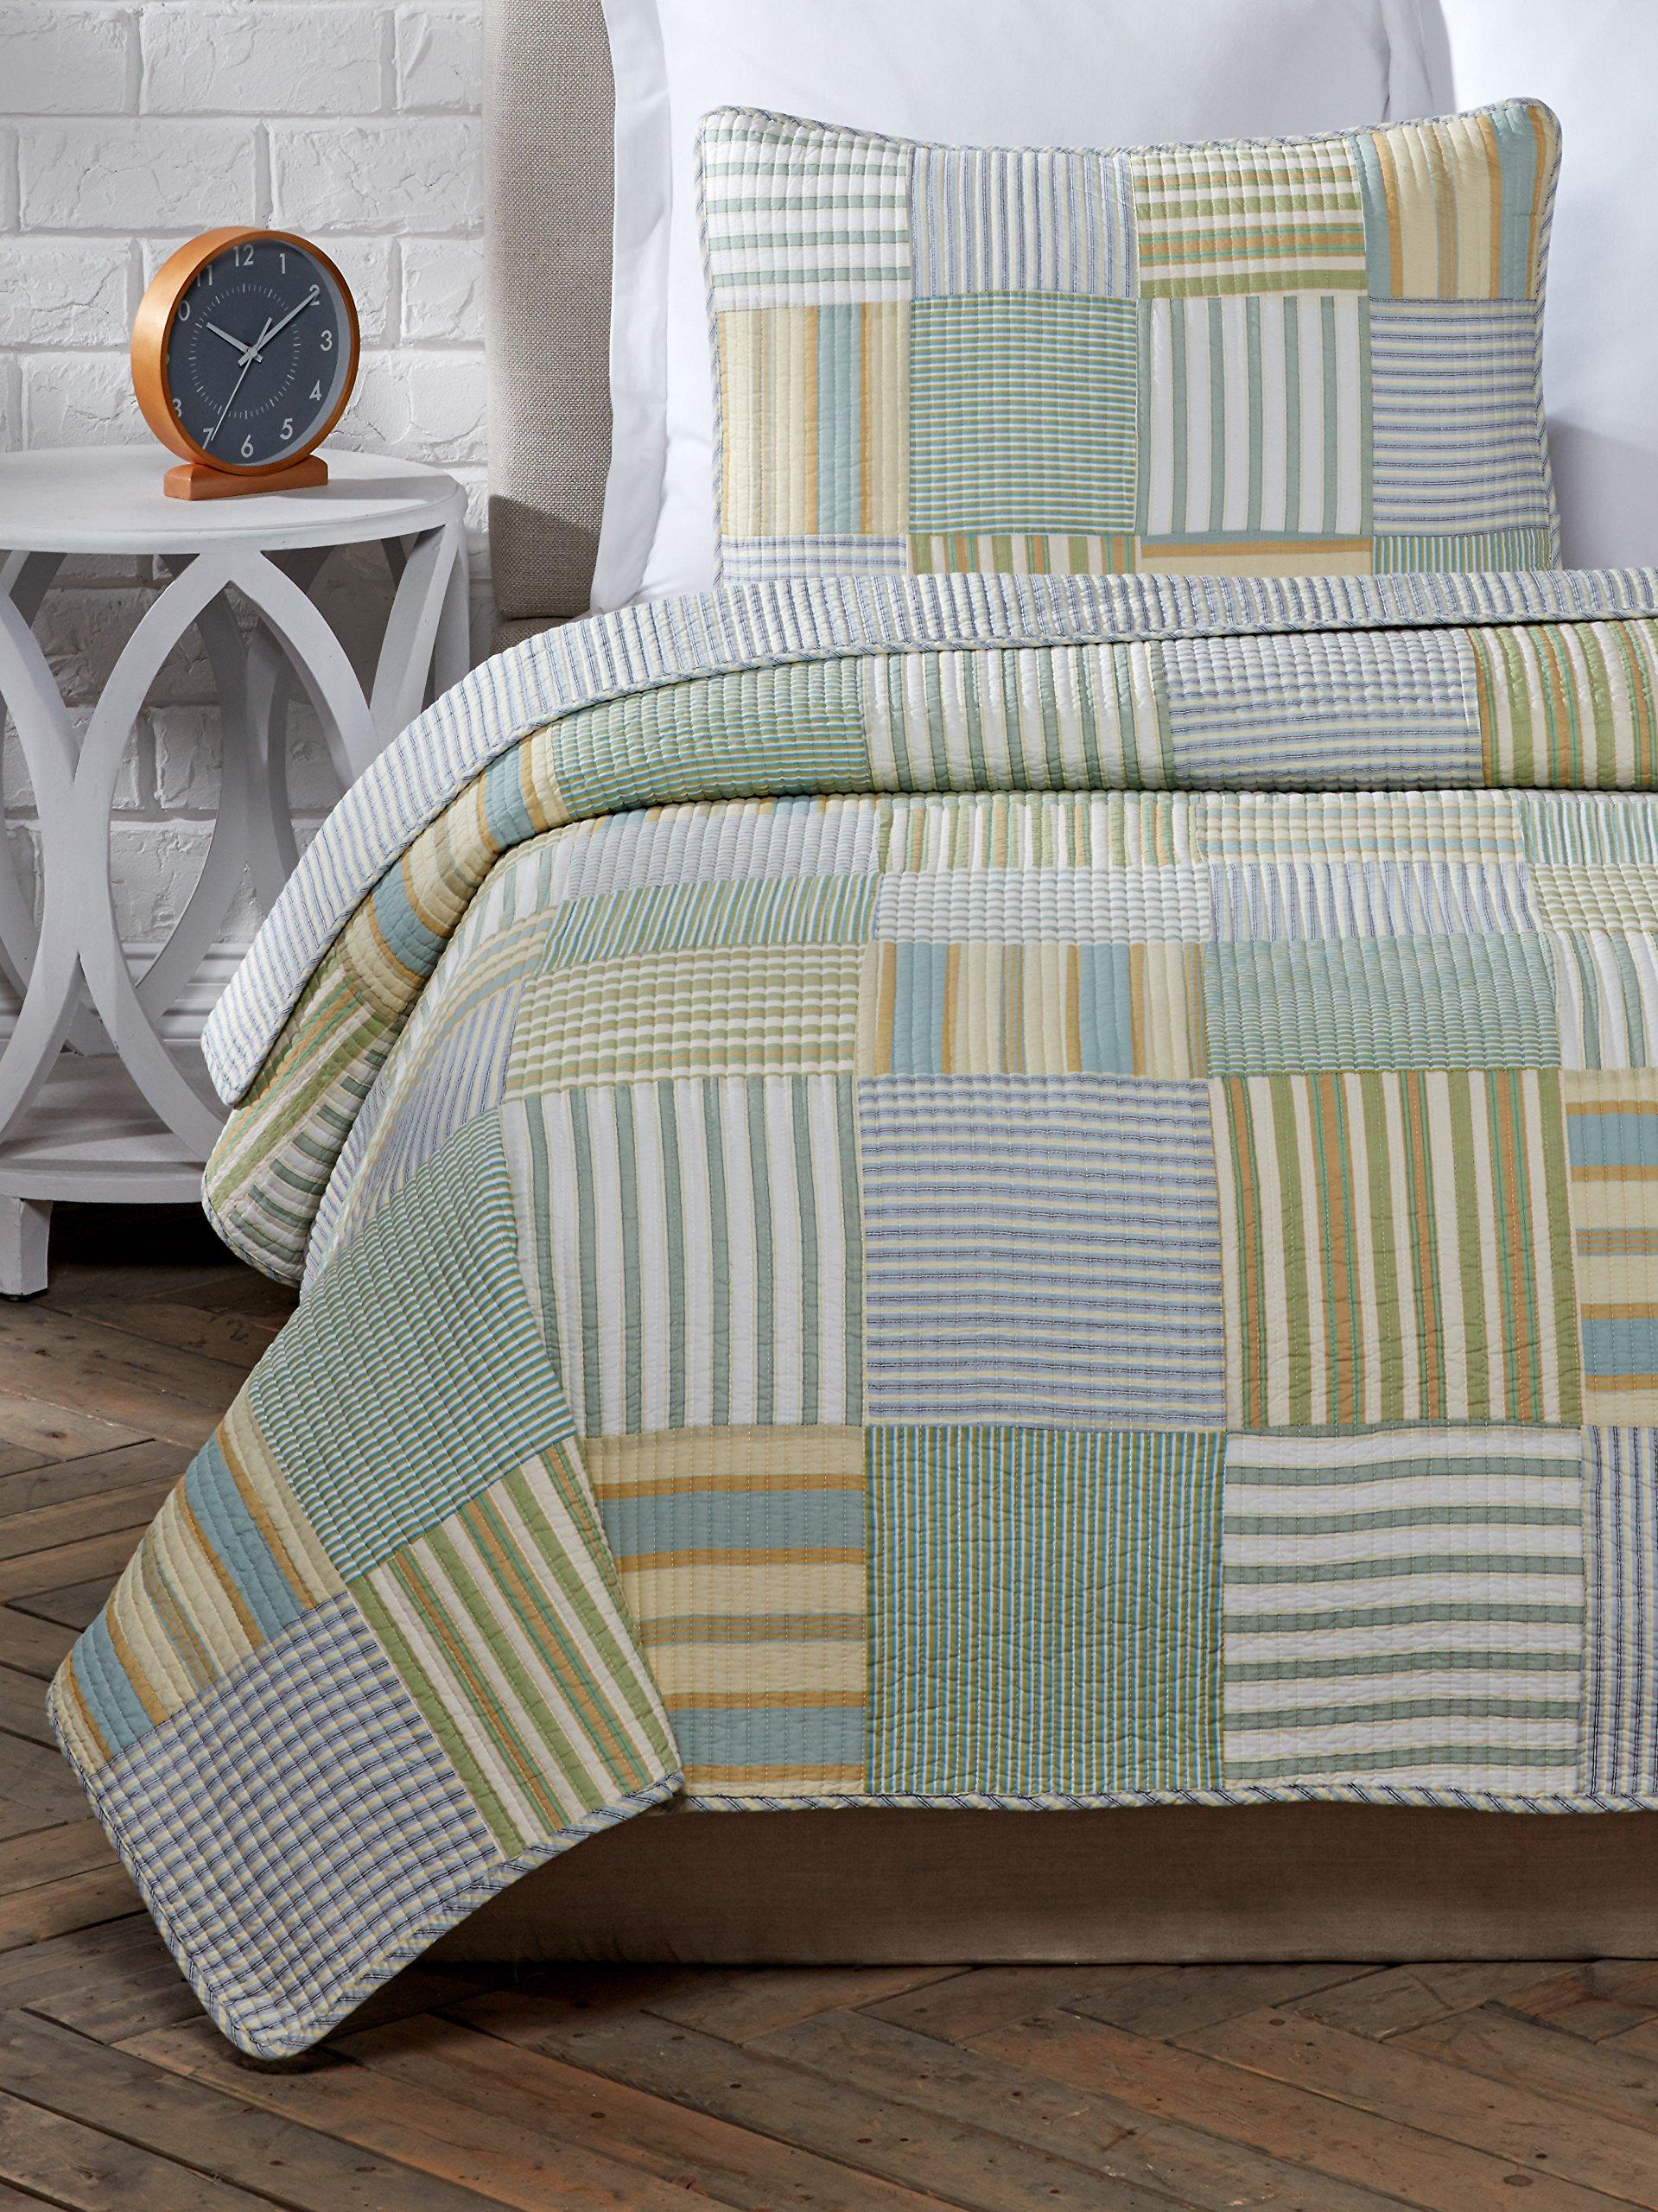 Cozy Line Home Fashions 2 Piece Spa Stripes Cotton Quilt Set, Twin